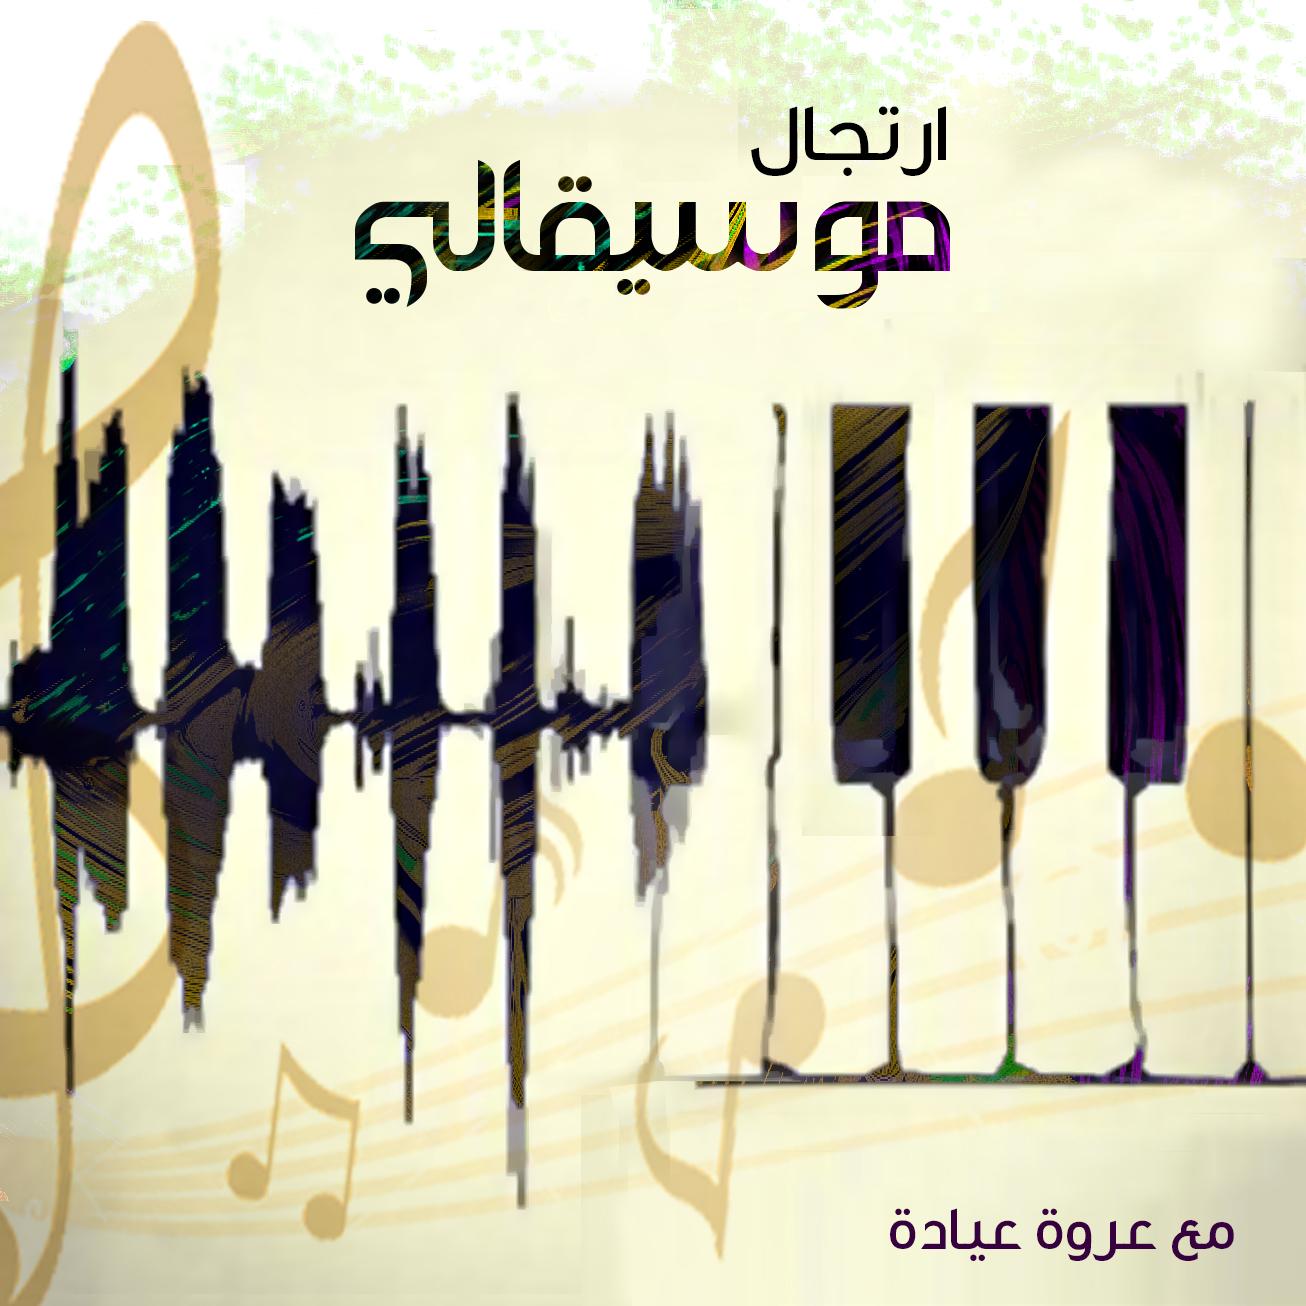 الموسيقى والإندماج - ارتجال 121